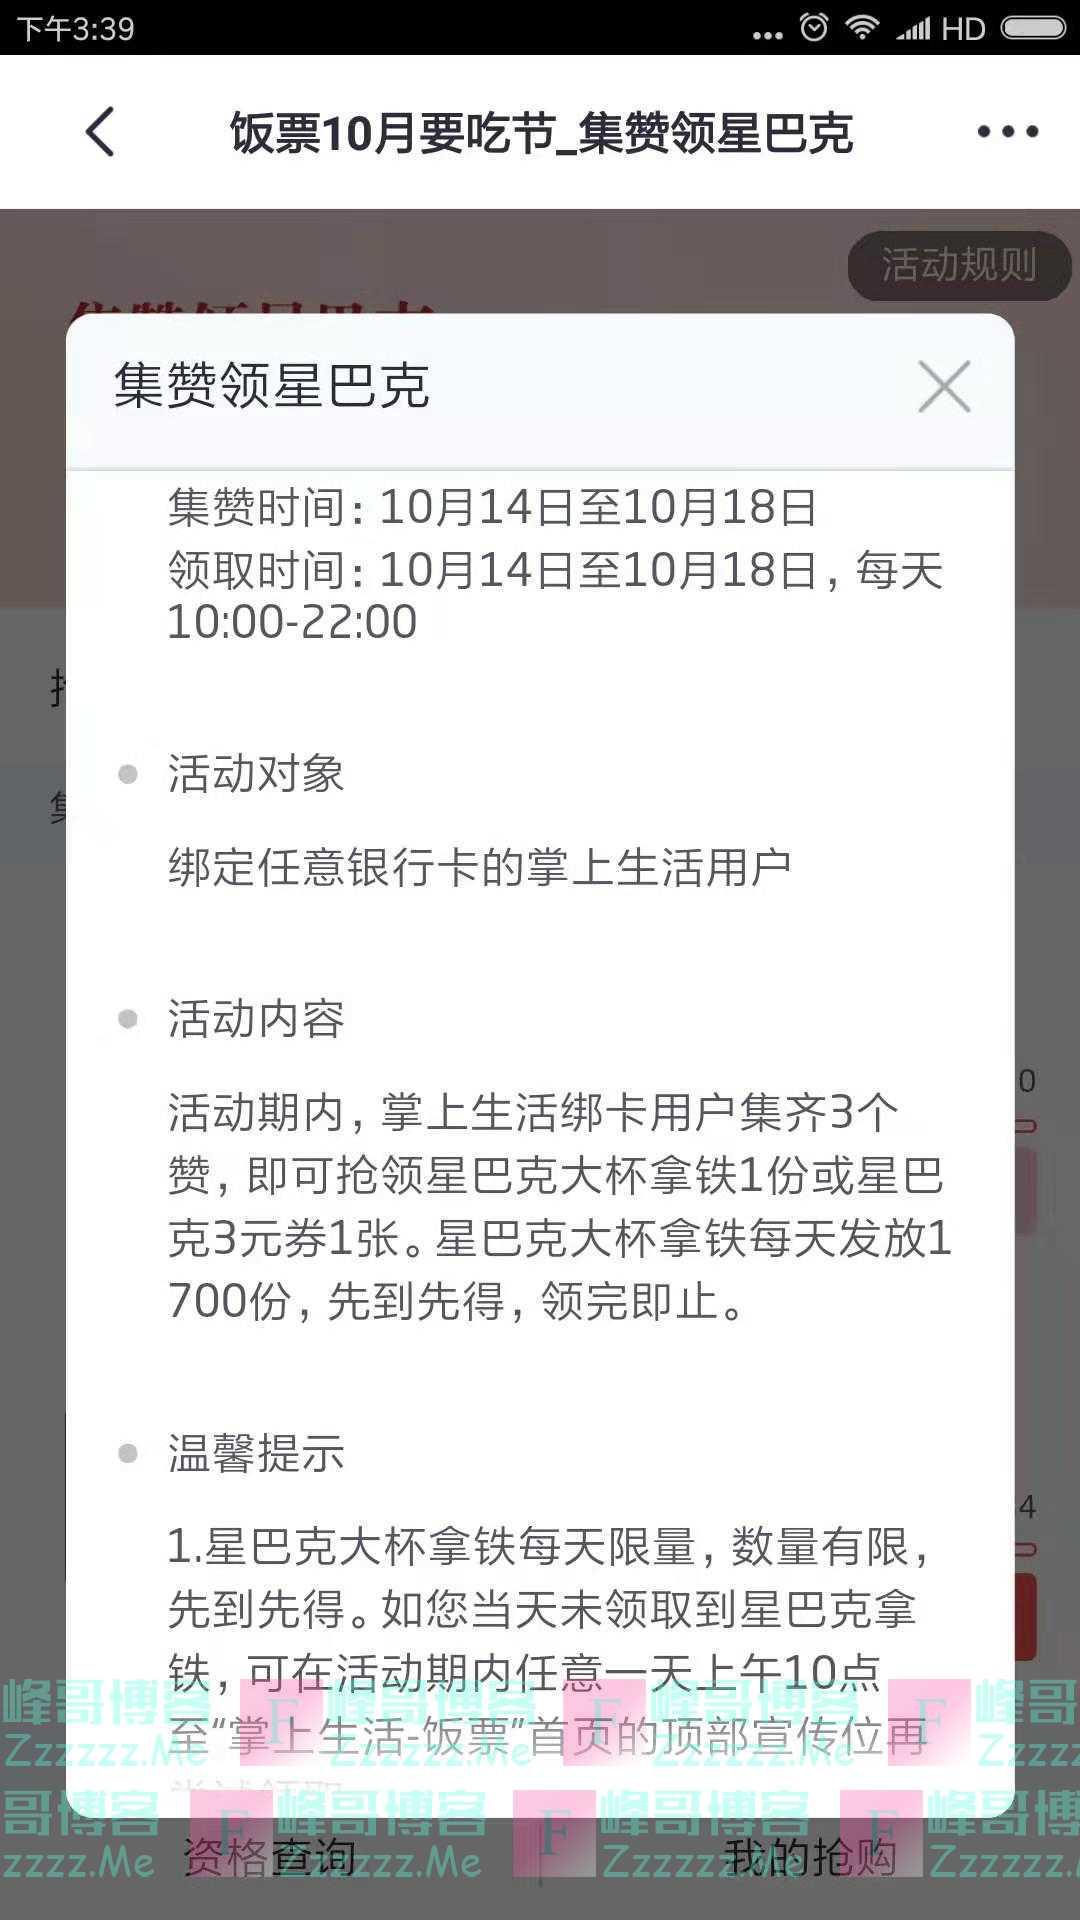 掌上生活10月要吃节 集赞领星巴克(截止10月18日)